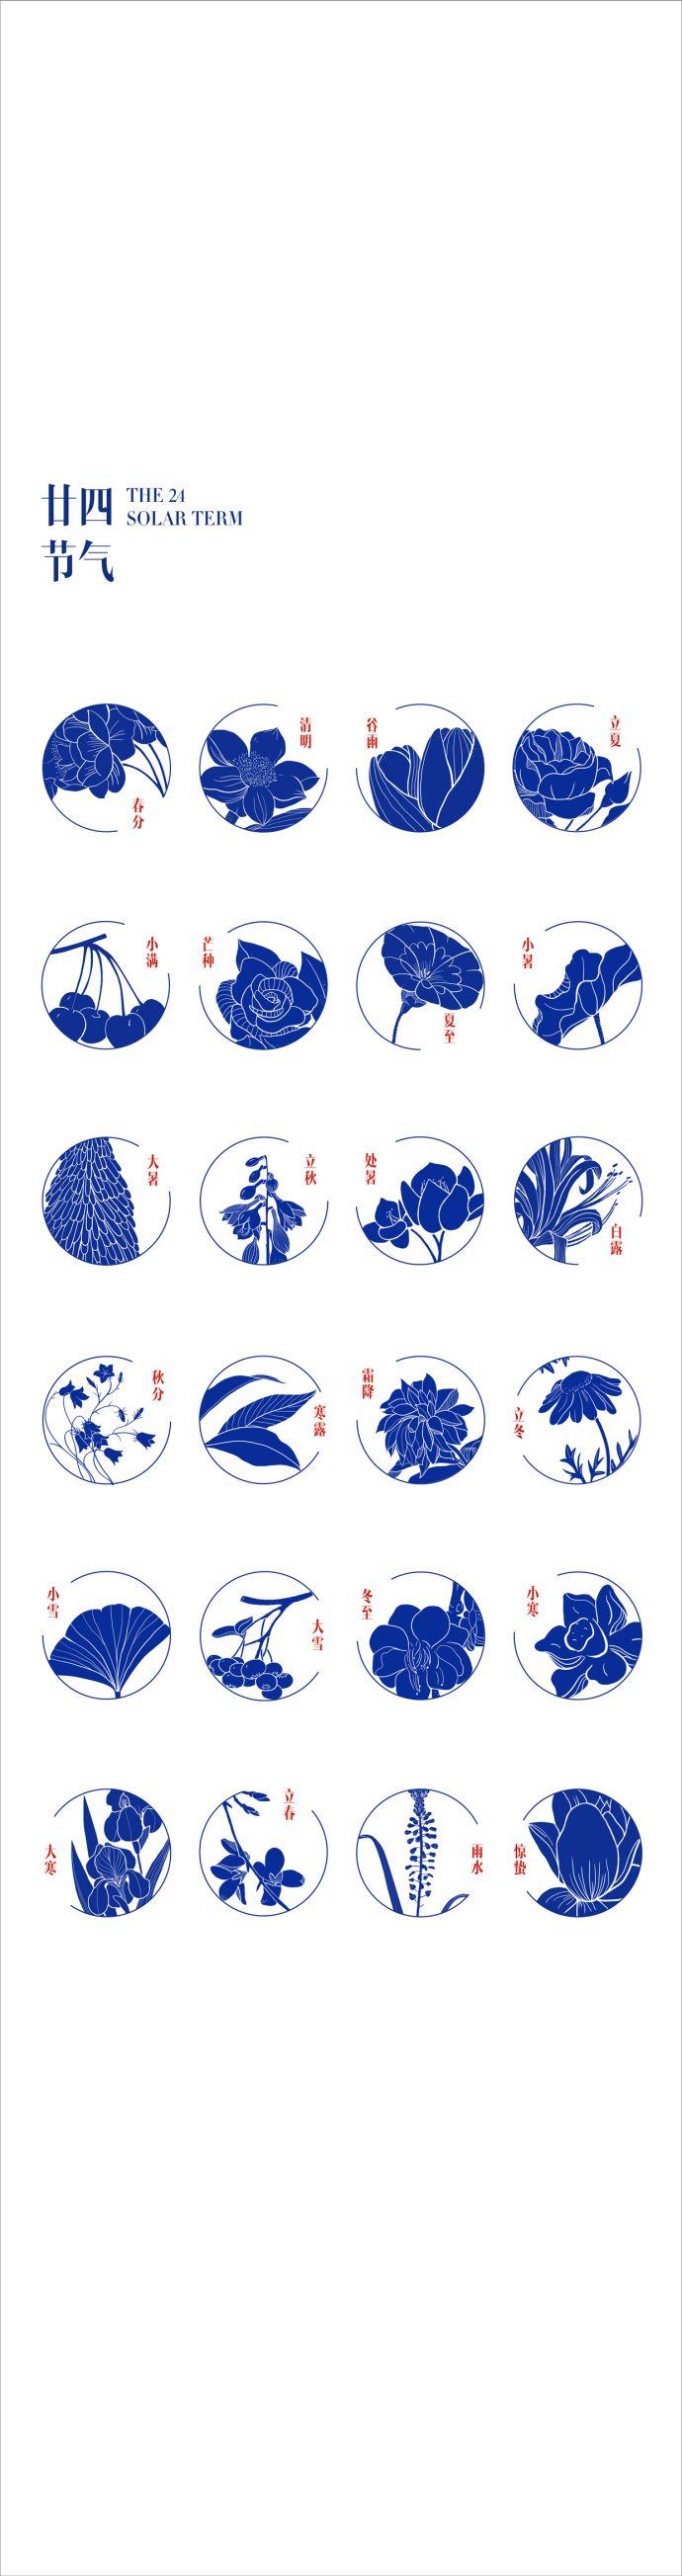 中華文化 傳統節氣 mydesy 淘靈感 tats pinterest grafiken